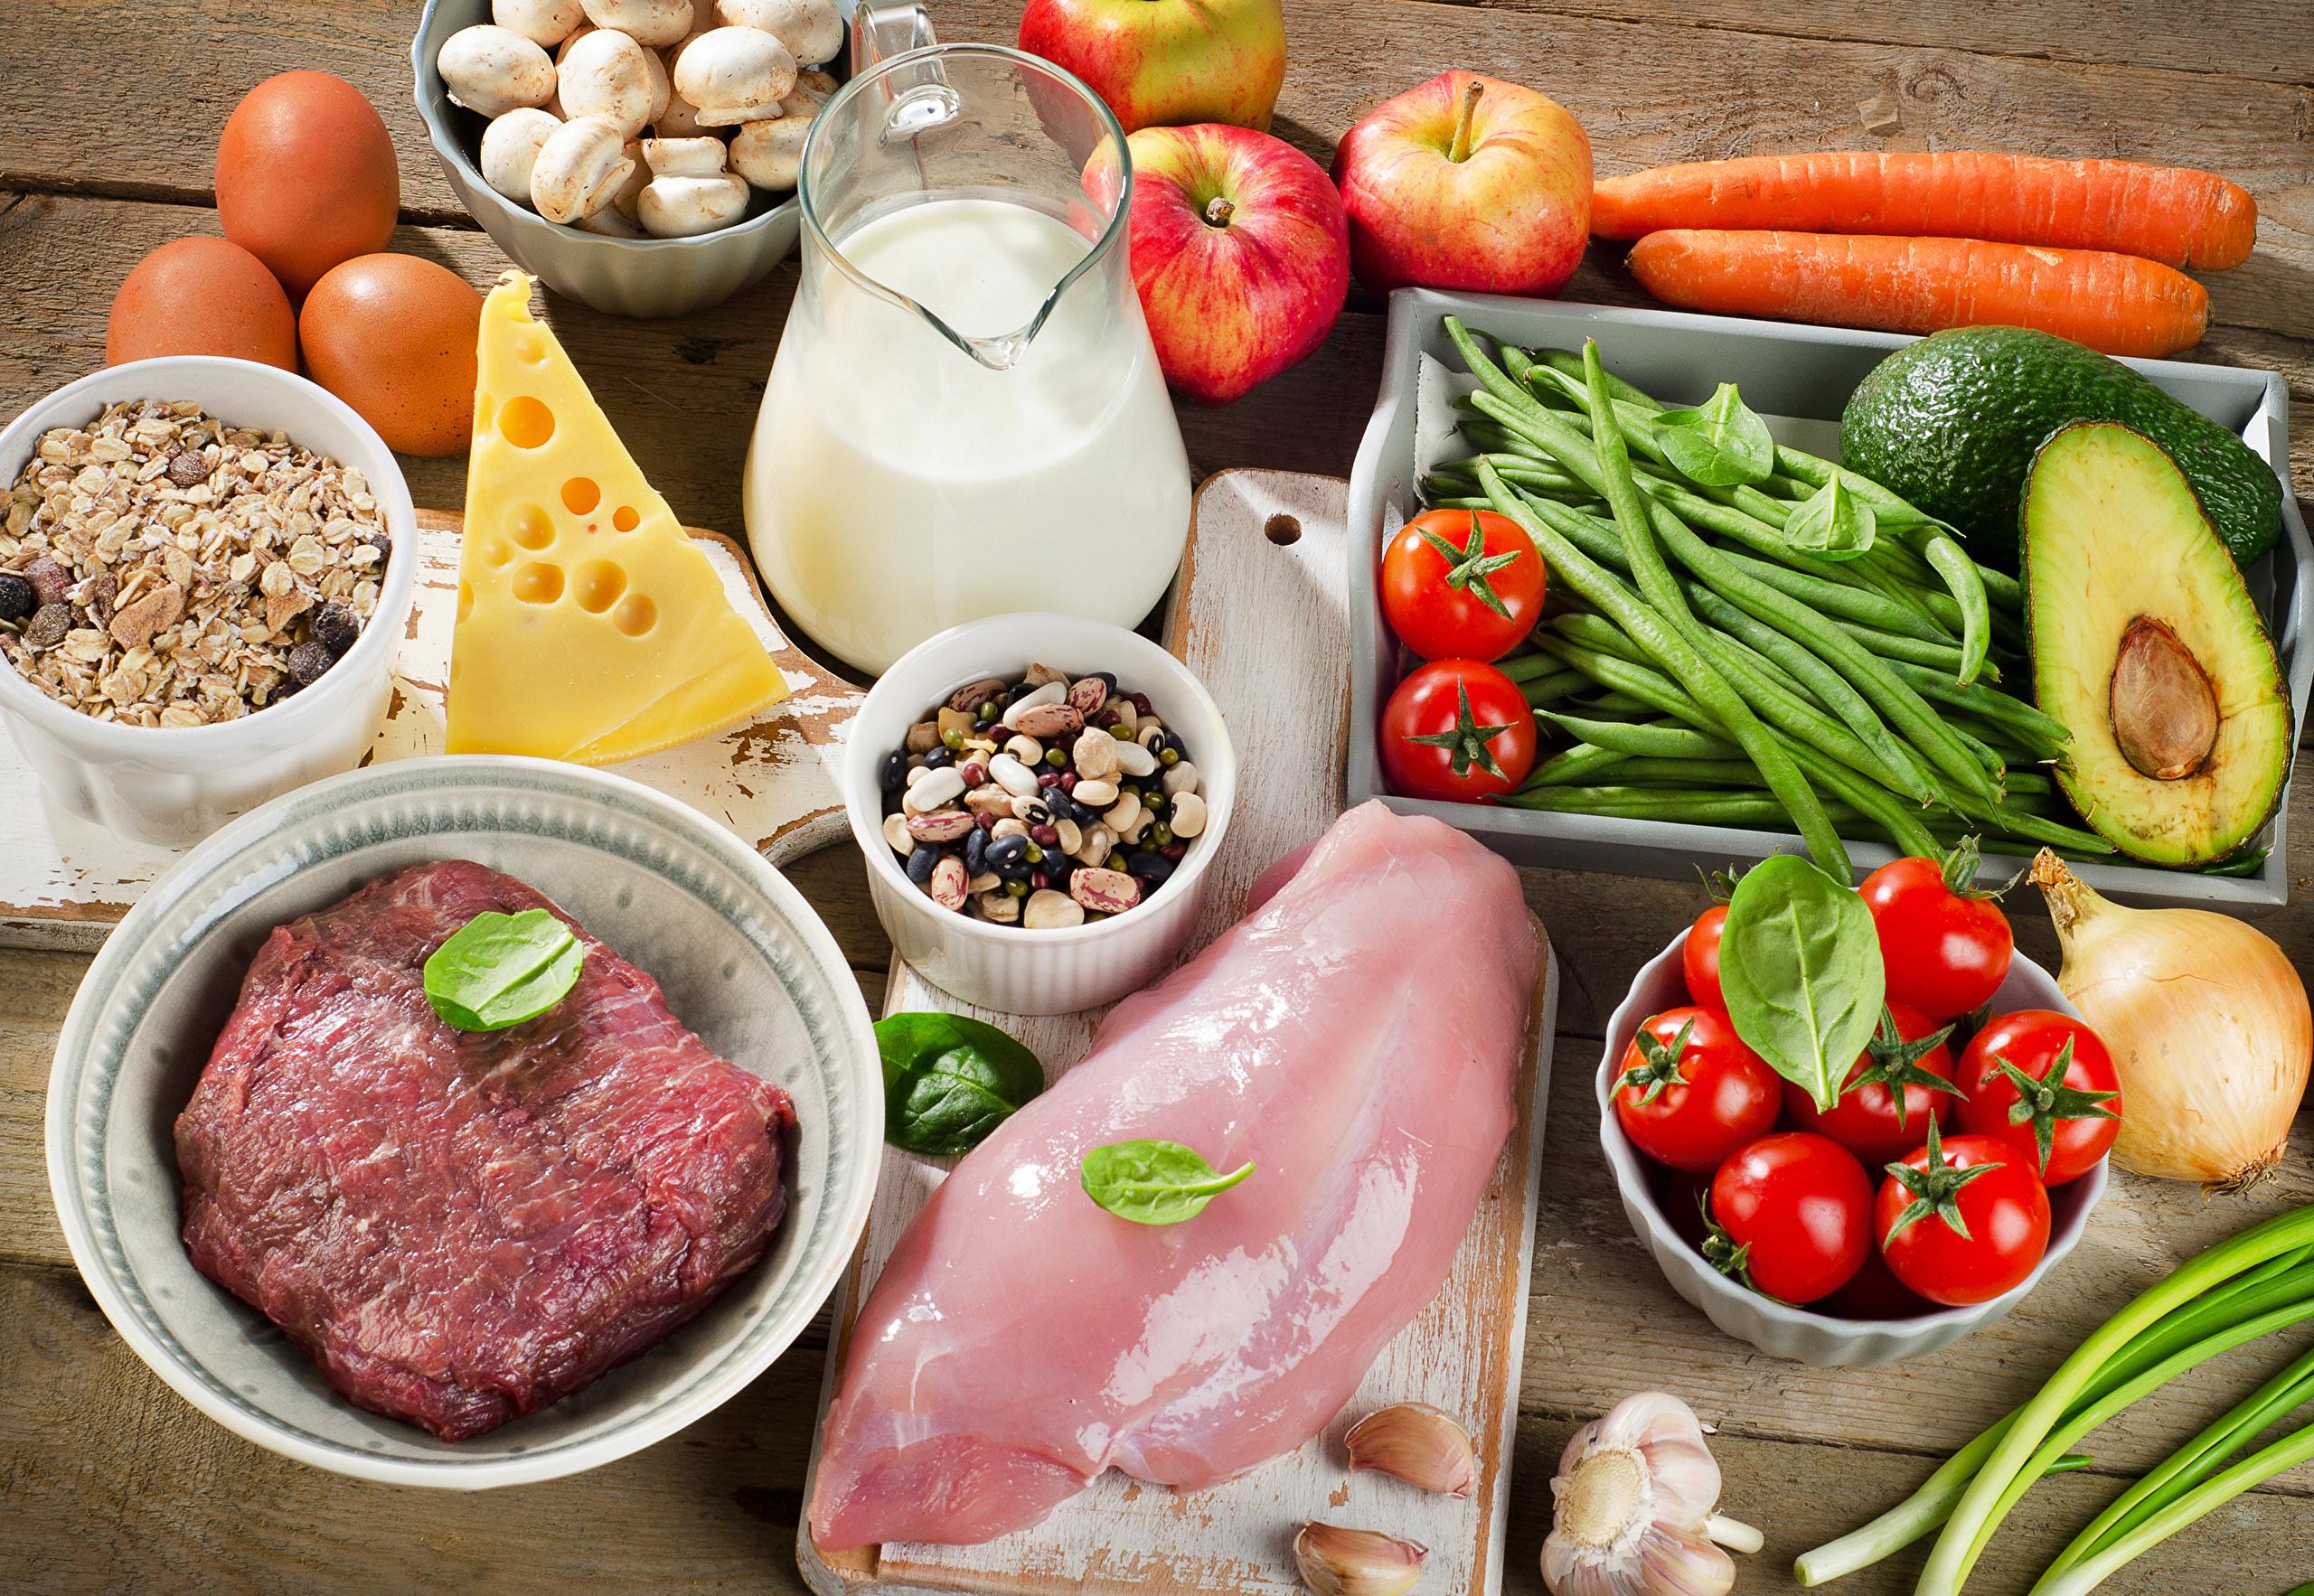 Вкусные И Хорошие Диеты. Вкусная диета для похудения: меню на каждый день